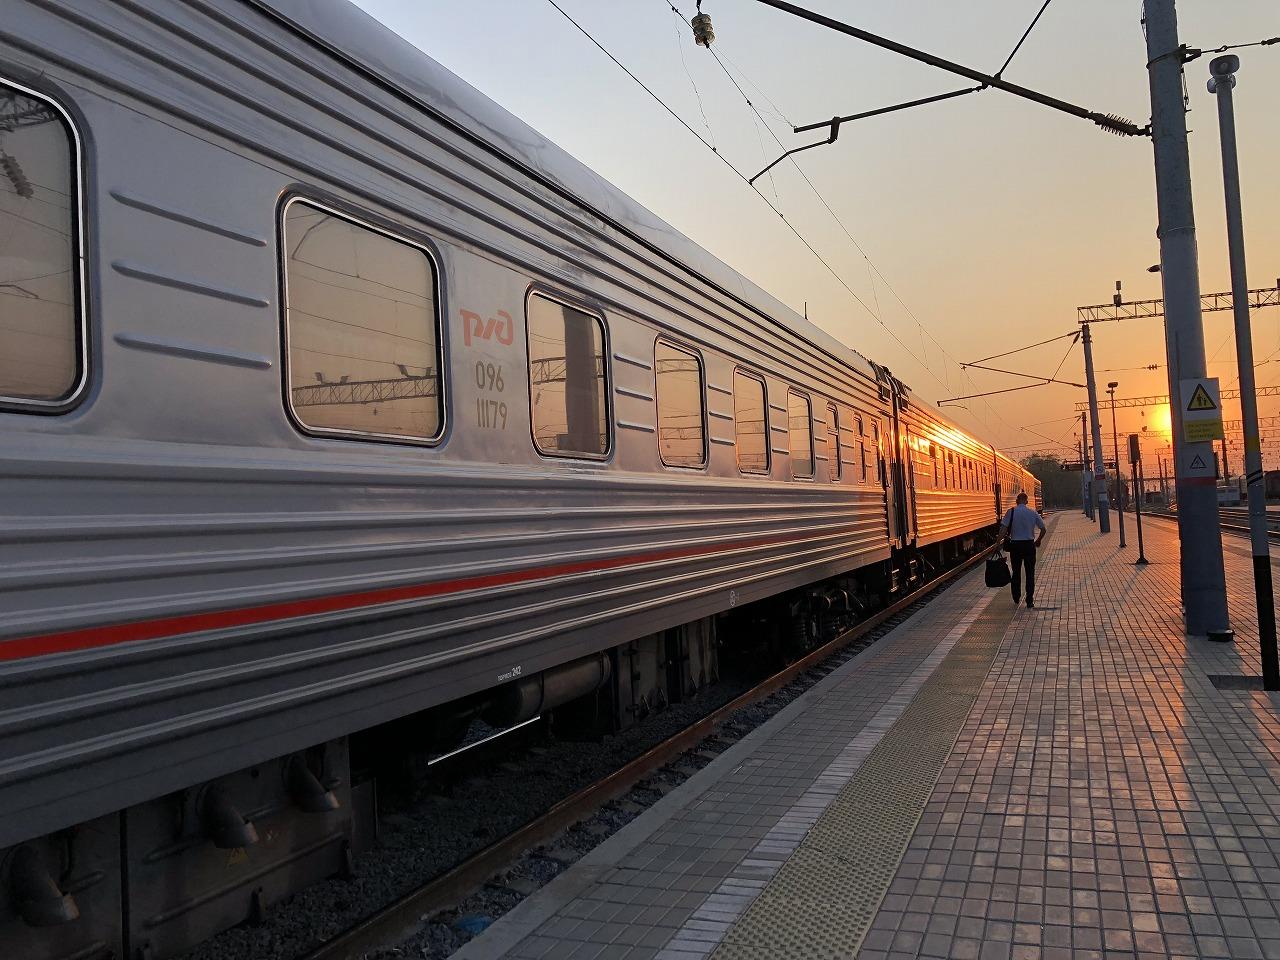 シベリア鉄道『オケアン号』に乗って極東を駆け抜ける